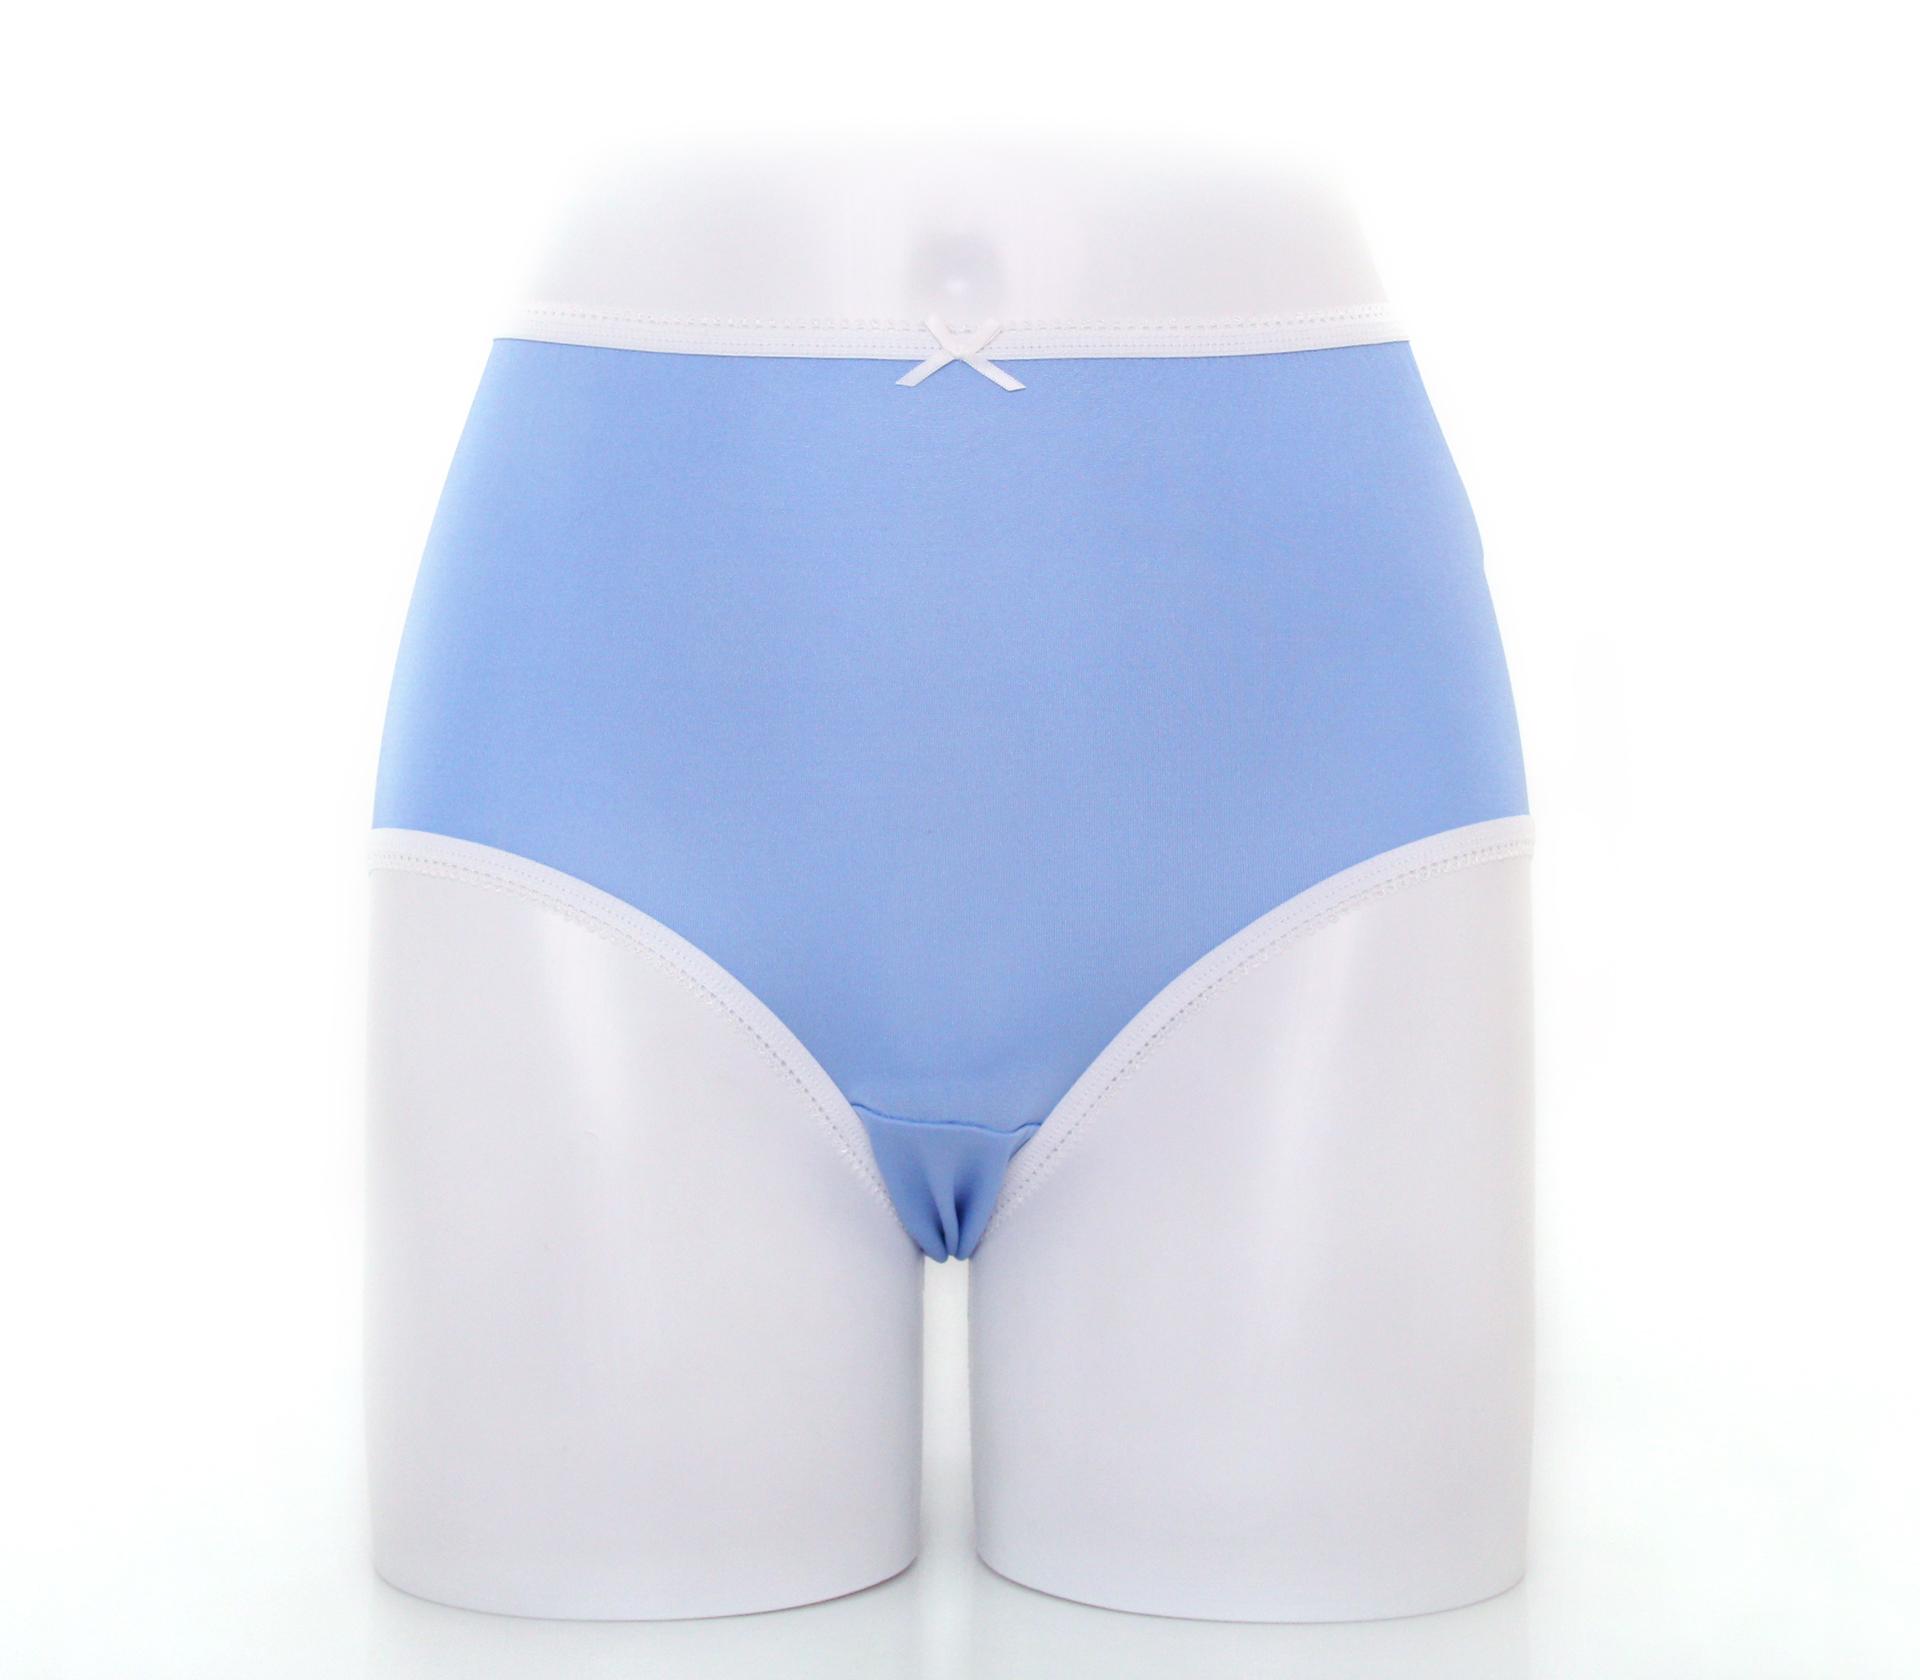 闕蘭絹粉嫩舒適透氣100%蠶絲內褲-88903(藍)